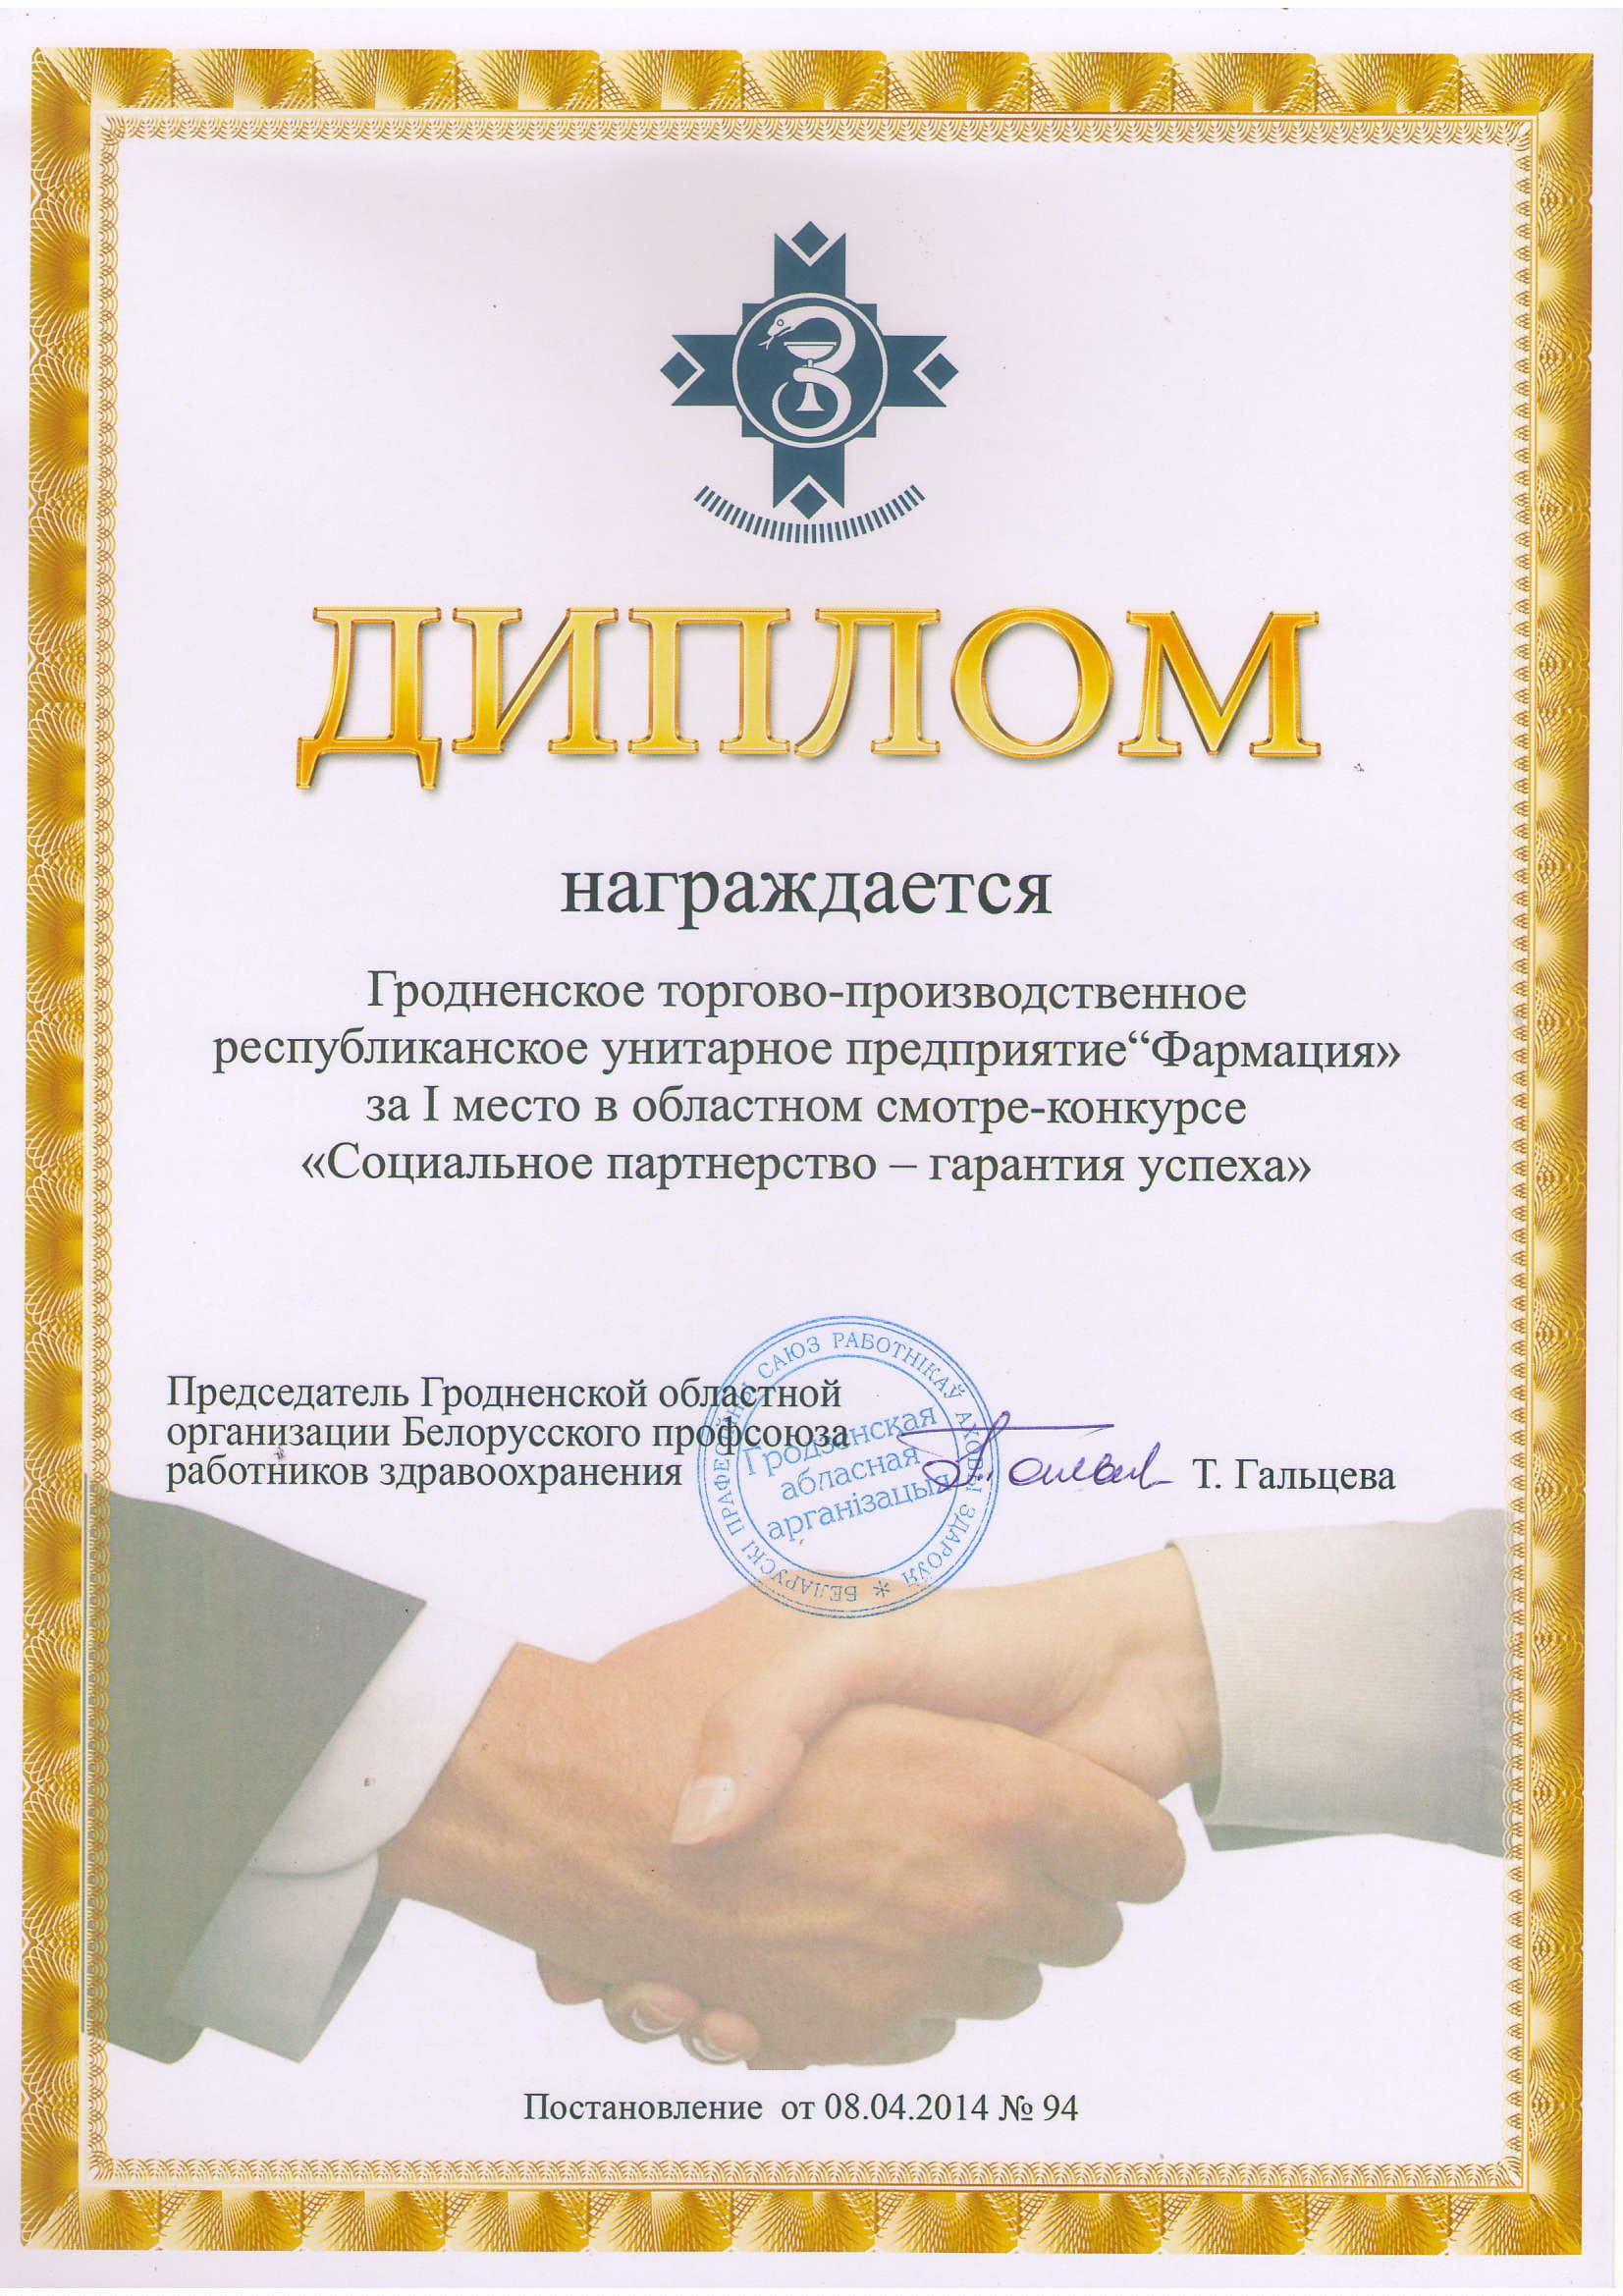 1 м. соц. парт. 2014-1